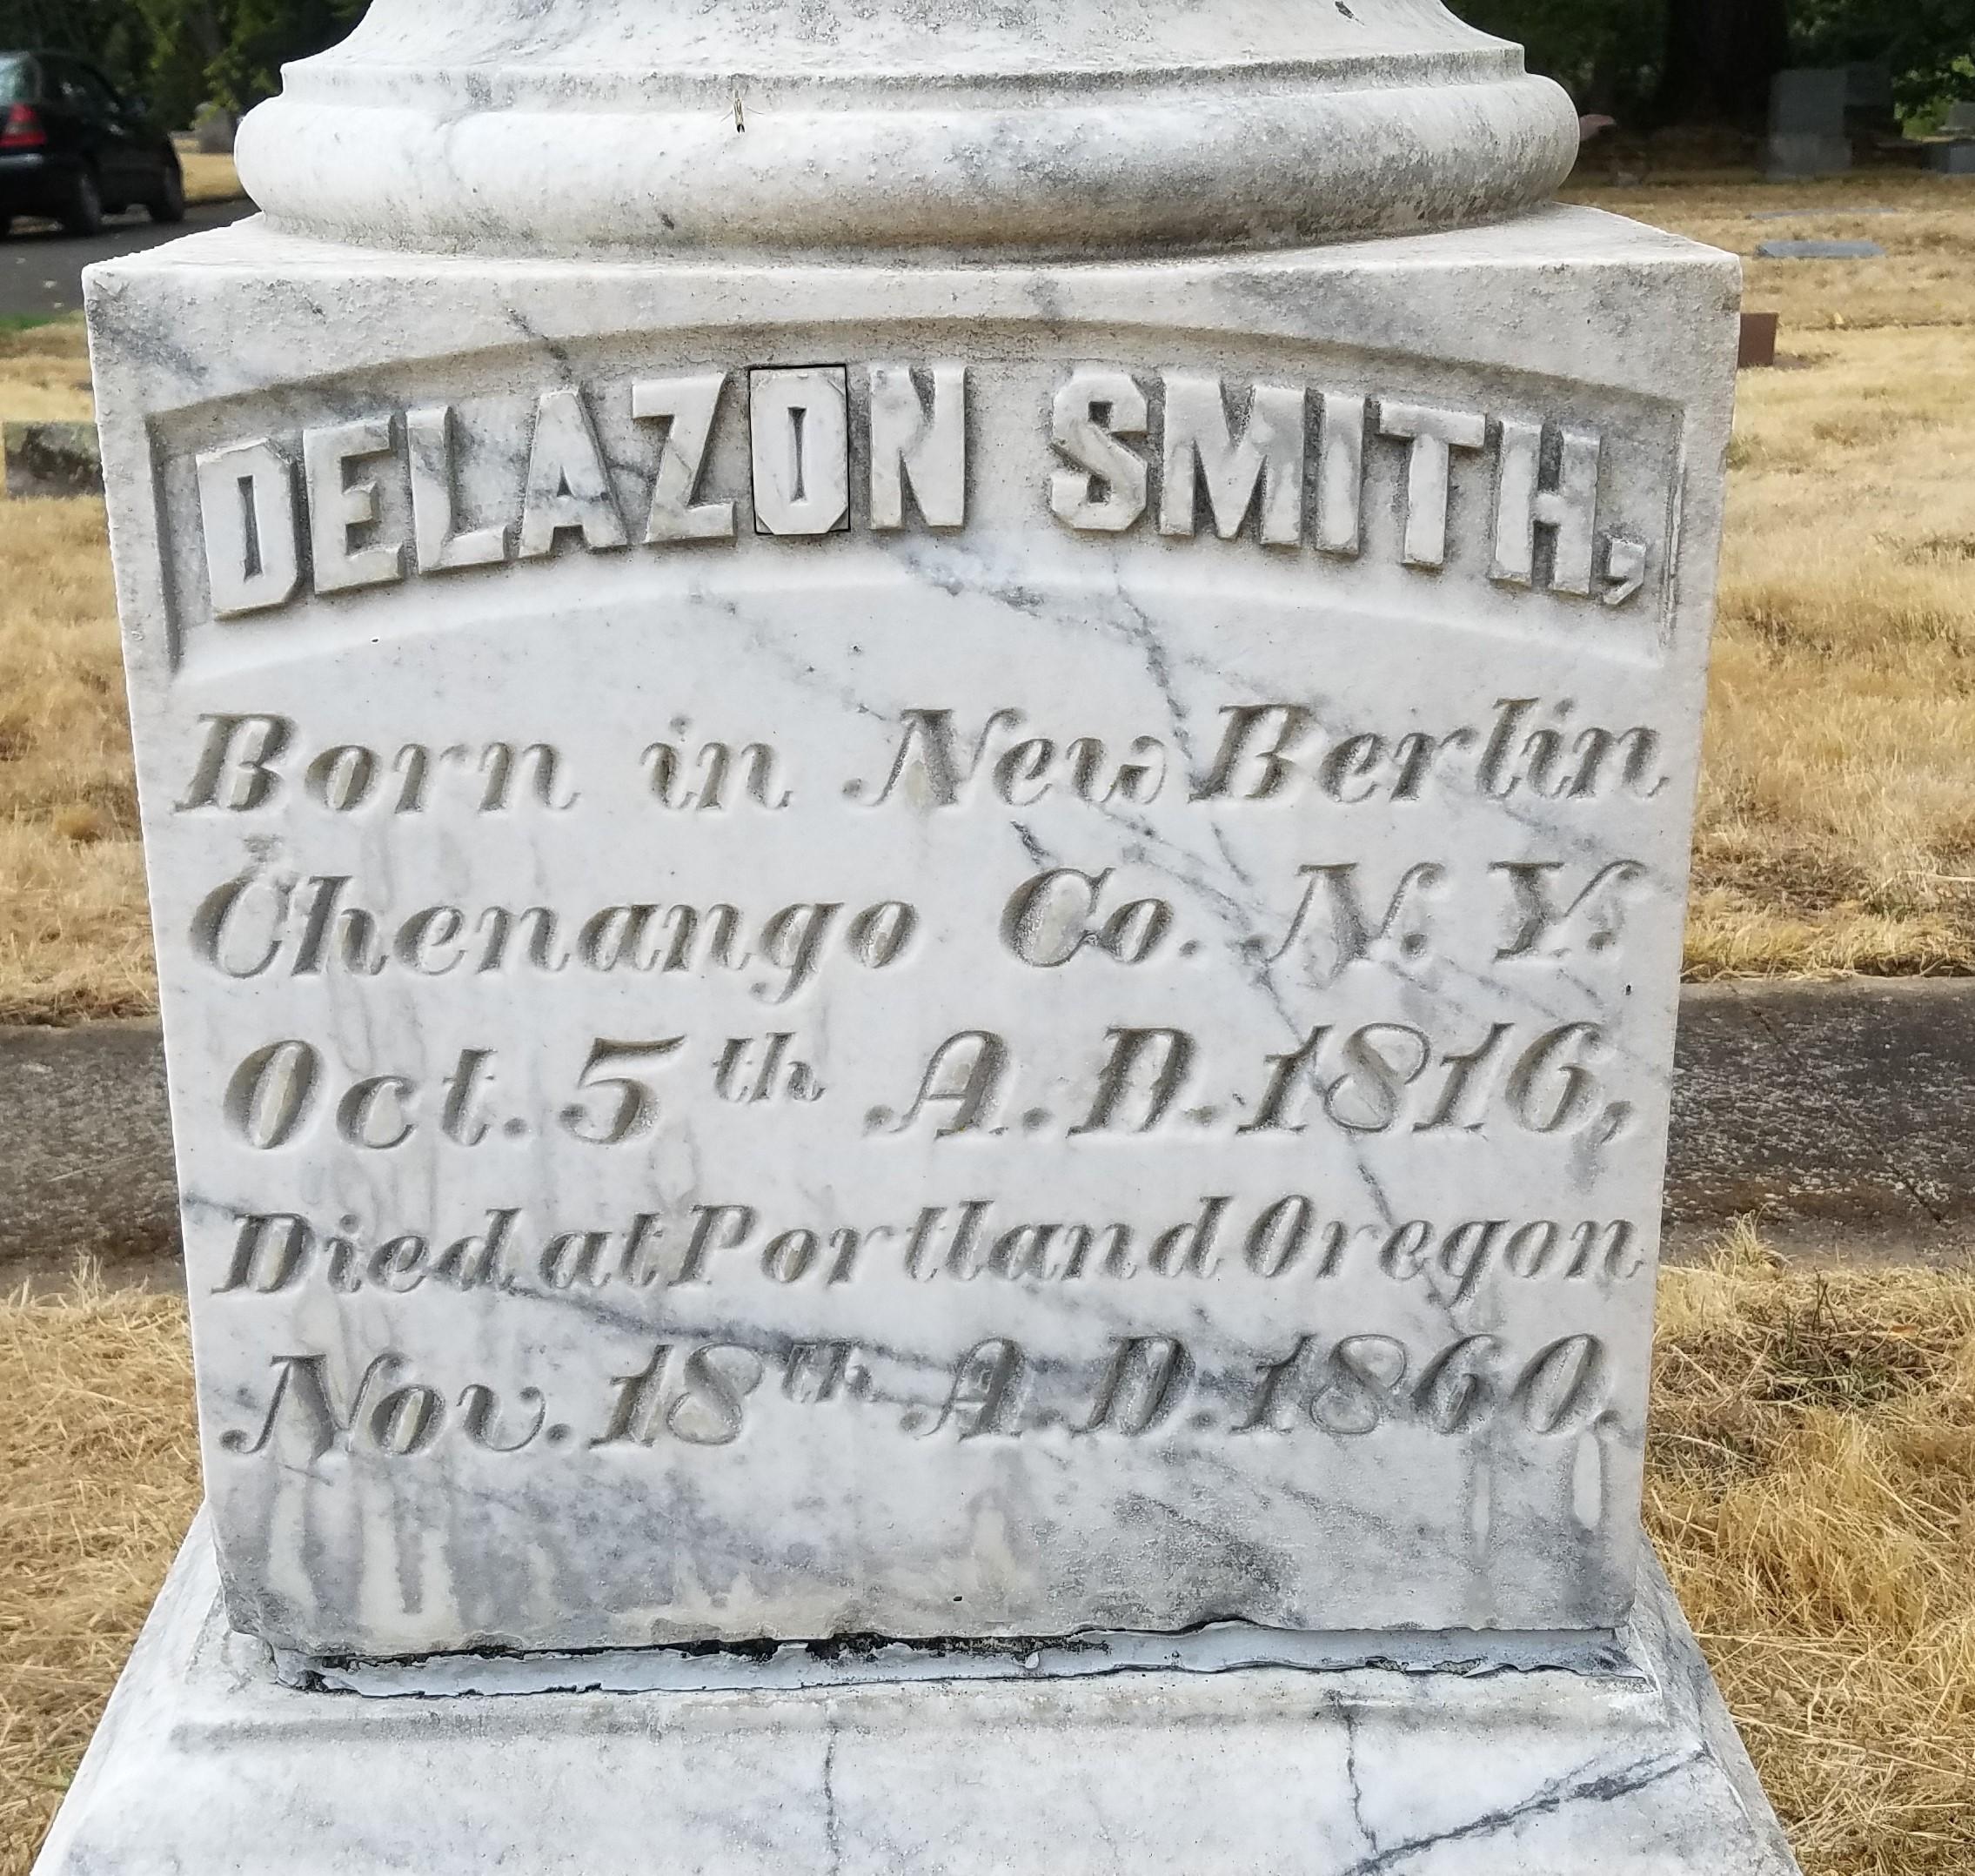 Delazon Smith